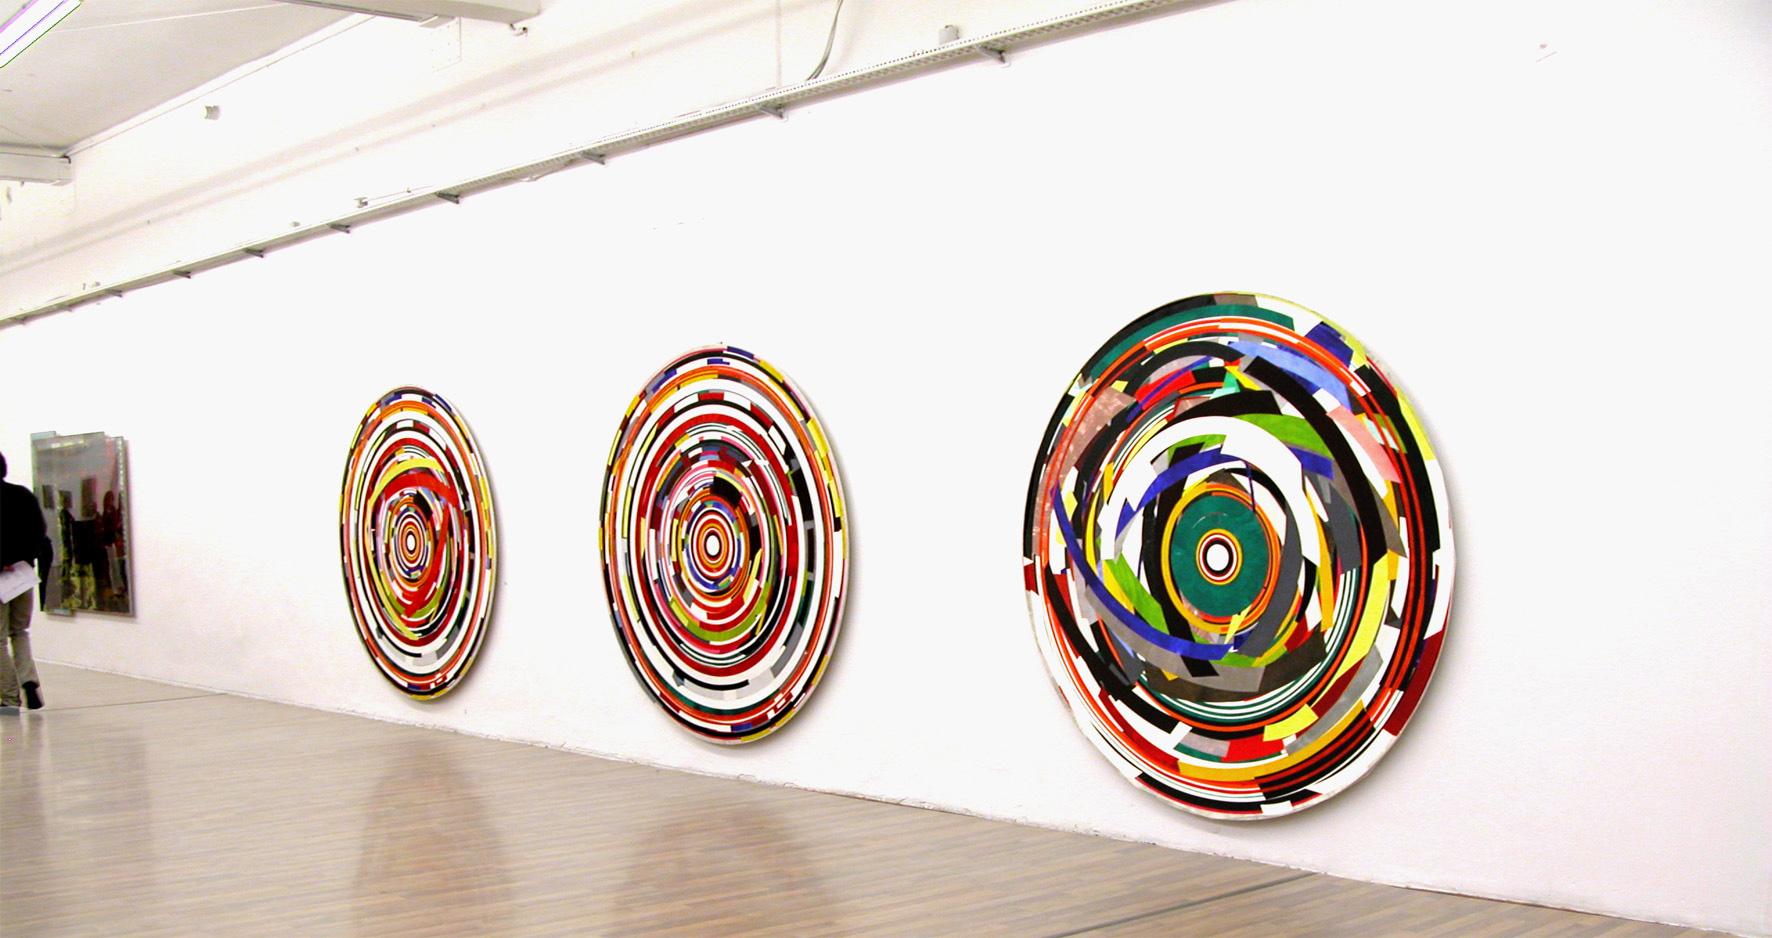 Herwig Steiner (1956L), Ehem. Residenzpost München, 2008, Ausstellungsansicht (v.l.n.r.)<br>Herwig Steiner (1956L), Postattrappe FO-58, 2006, Collage, Ø ca. 198cm<br>Herwig Steiner (1956L), Postattrappe FO4a, 2007, Collage, Ø ca. 198cm<br>Herwig Steiner (1956L), Postattrappe S/2007/2008/8890a, 2008, Collage, Ø ca. 197cm, Privatbesitz München